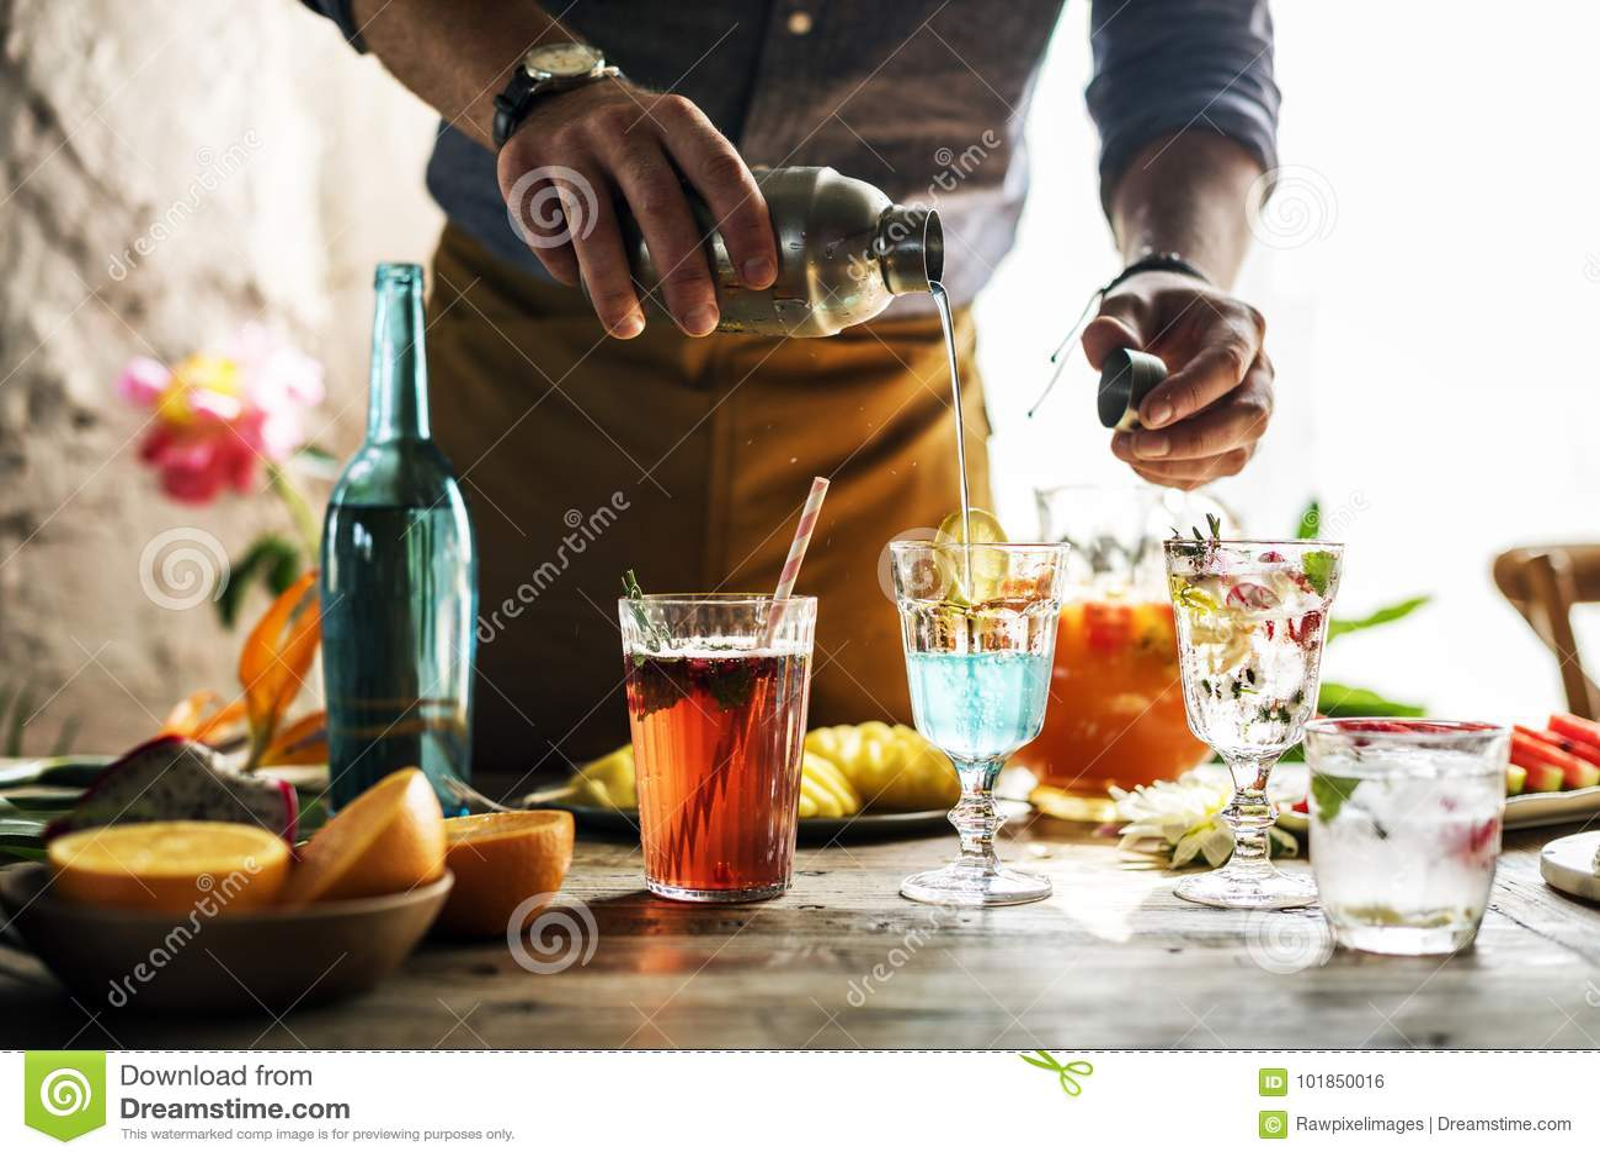 Barman die kleurrijke cocktails mengen